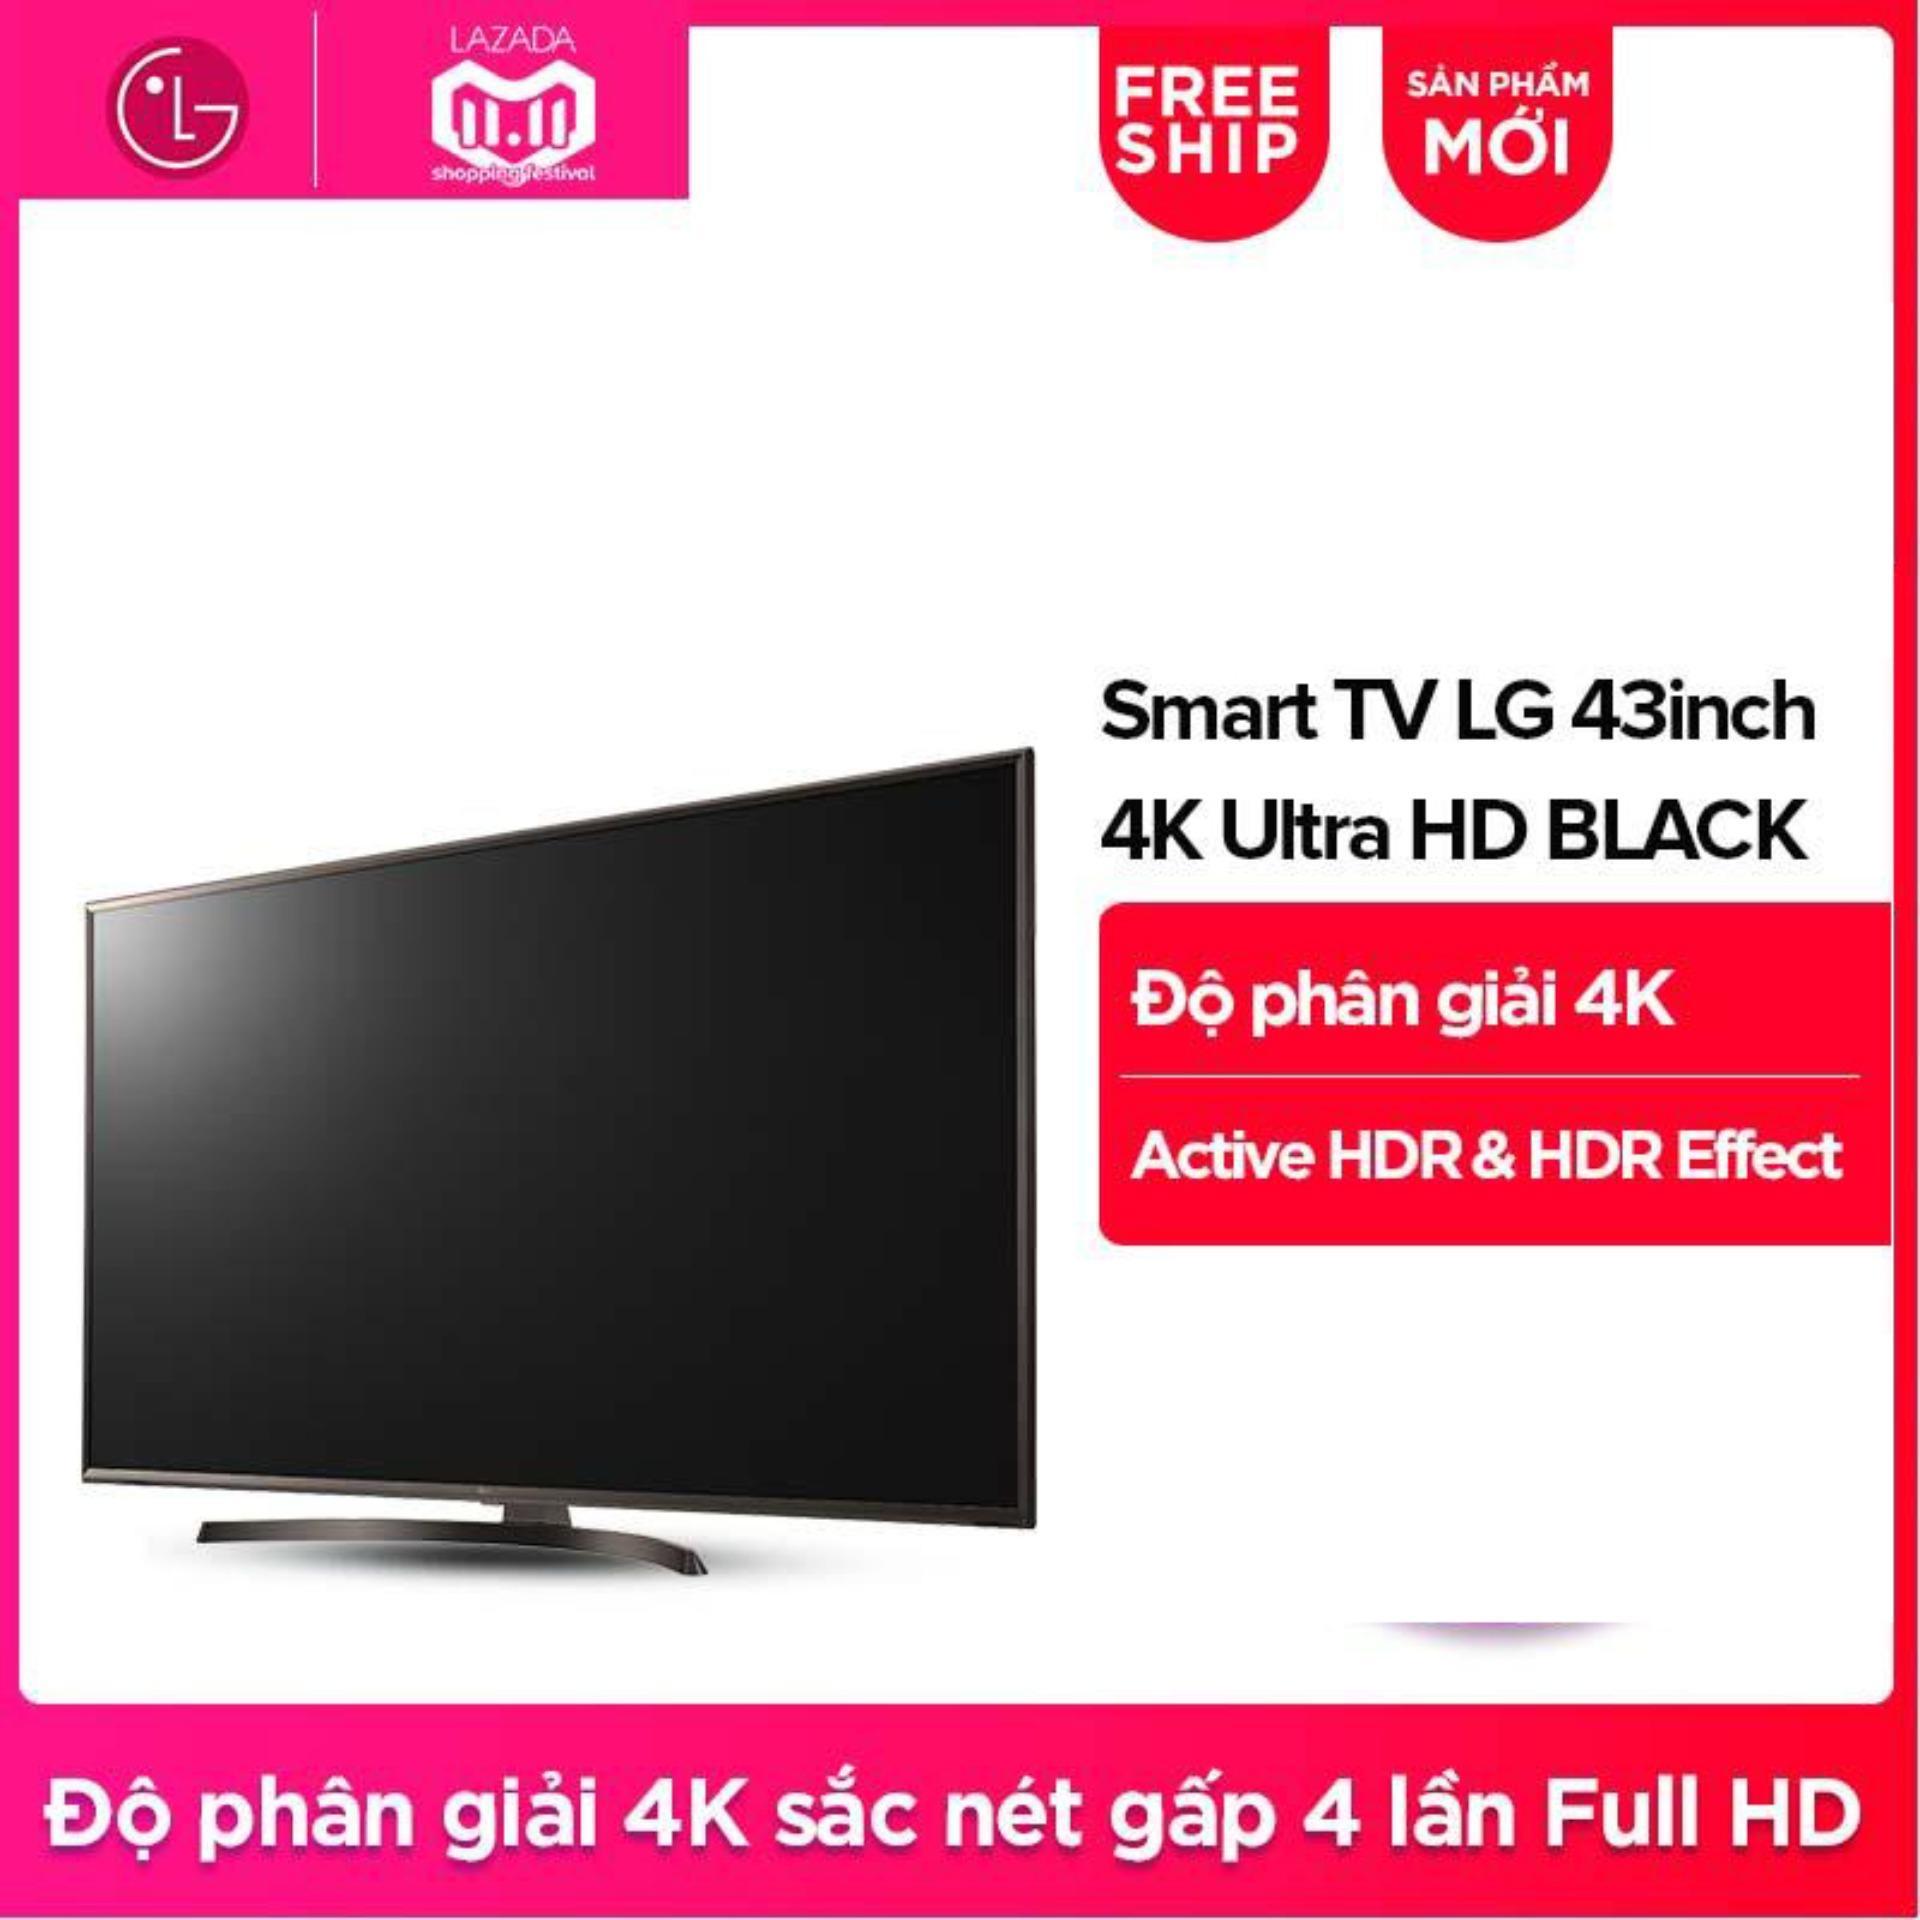 Hình ảnh Smart TV LG 43inch 4K Ultra HD - Model 43UK6340PTF (Đen) - Hãng phân phối chính thức